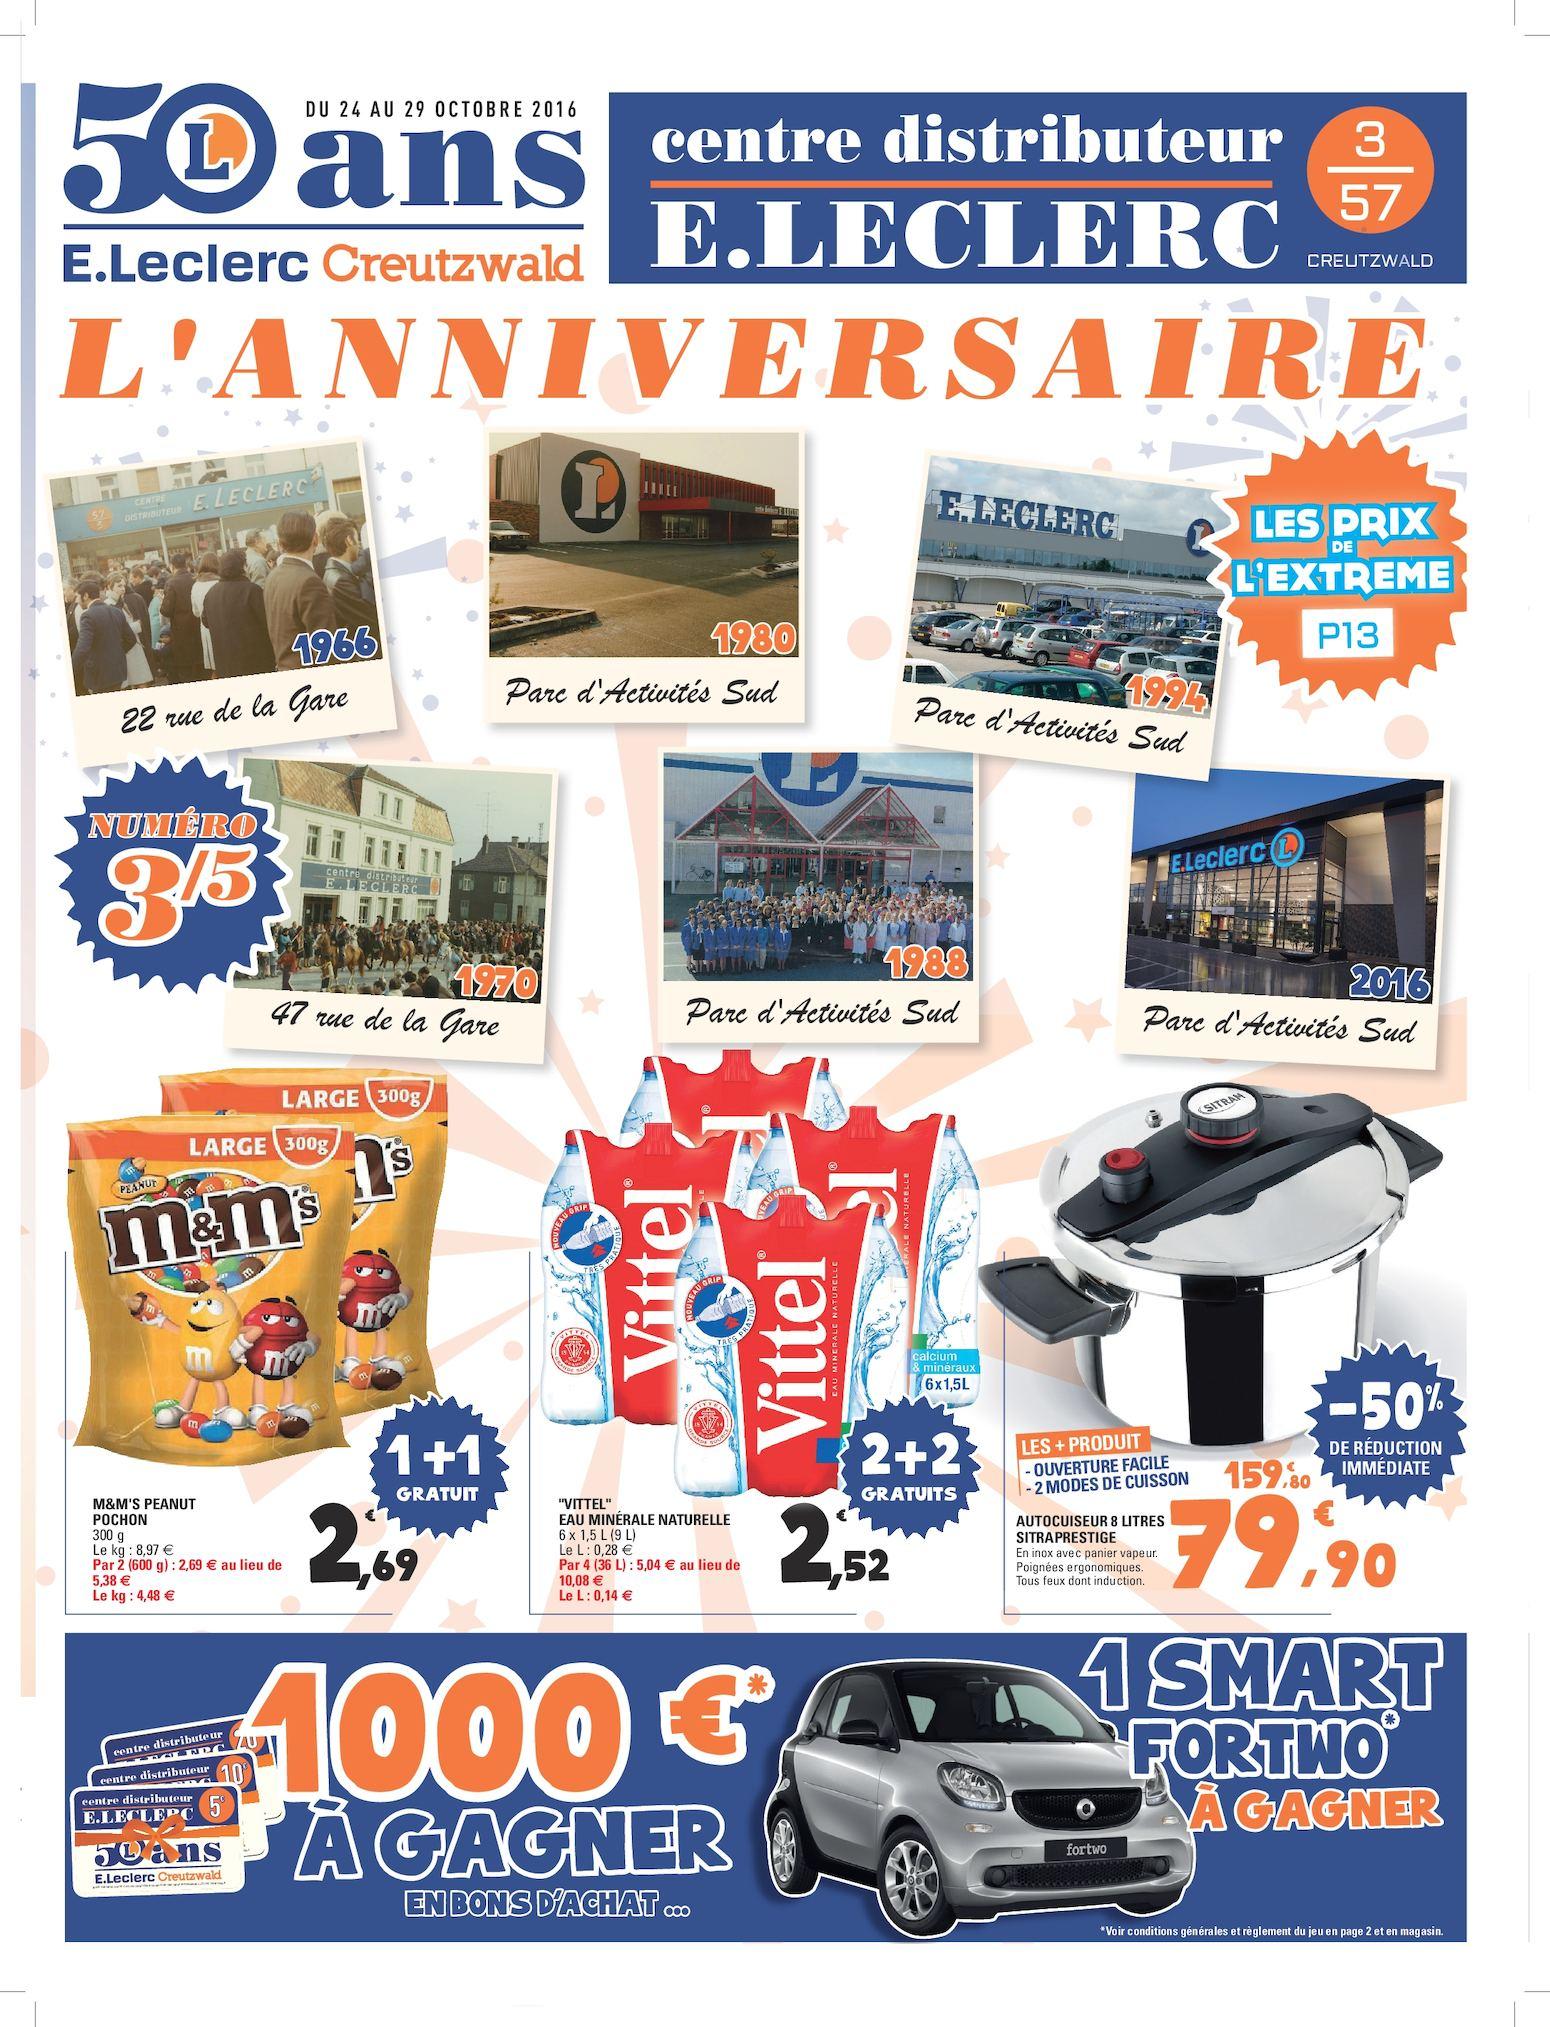 Prospectus Leclerc Auto Élégant oreiller Memoire De forme Leclerc Of 24 Élégant Prospectus Leclerc Auto